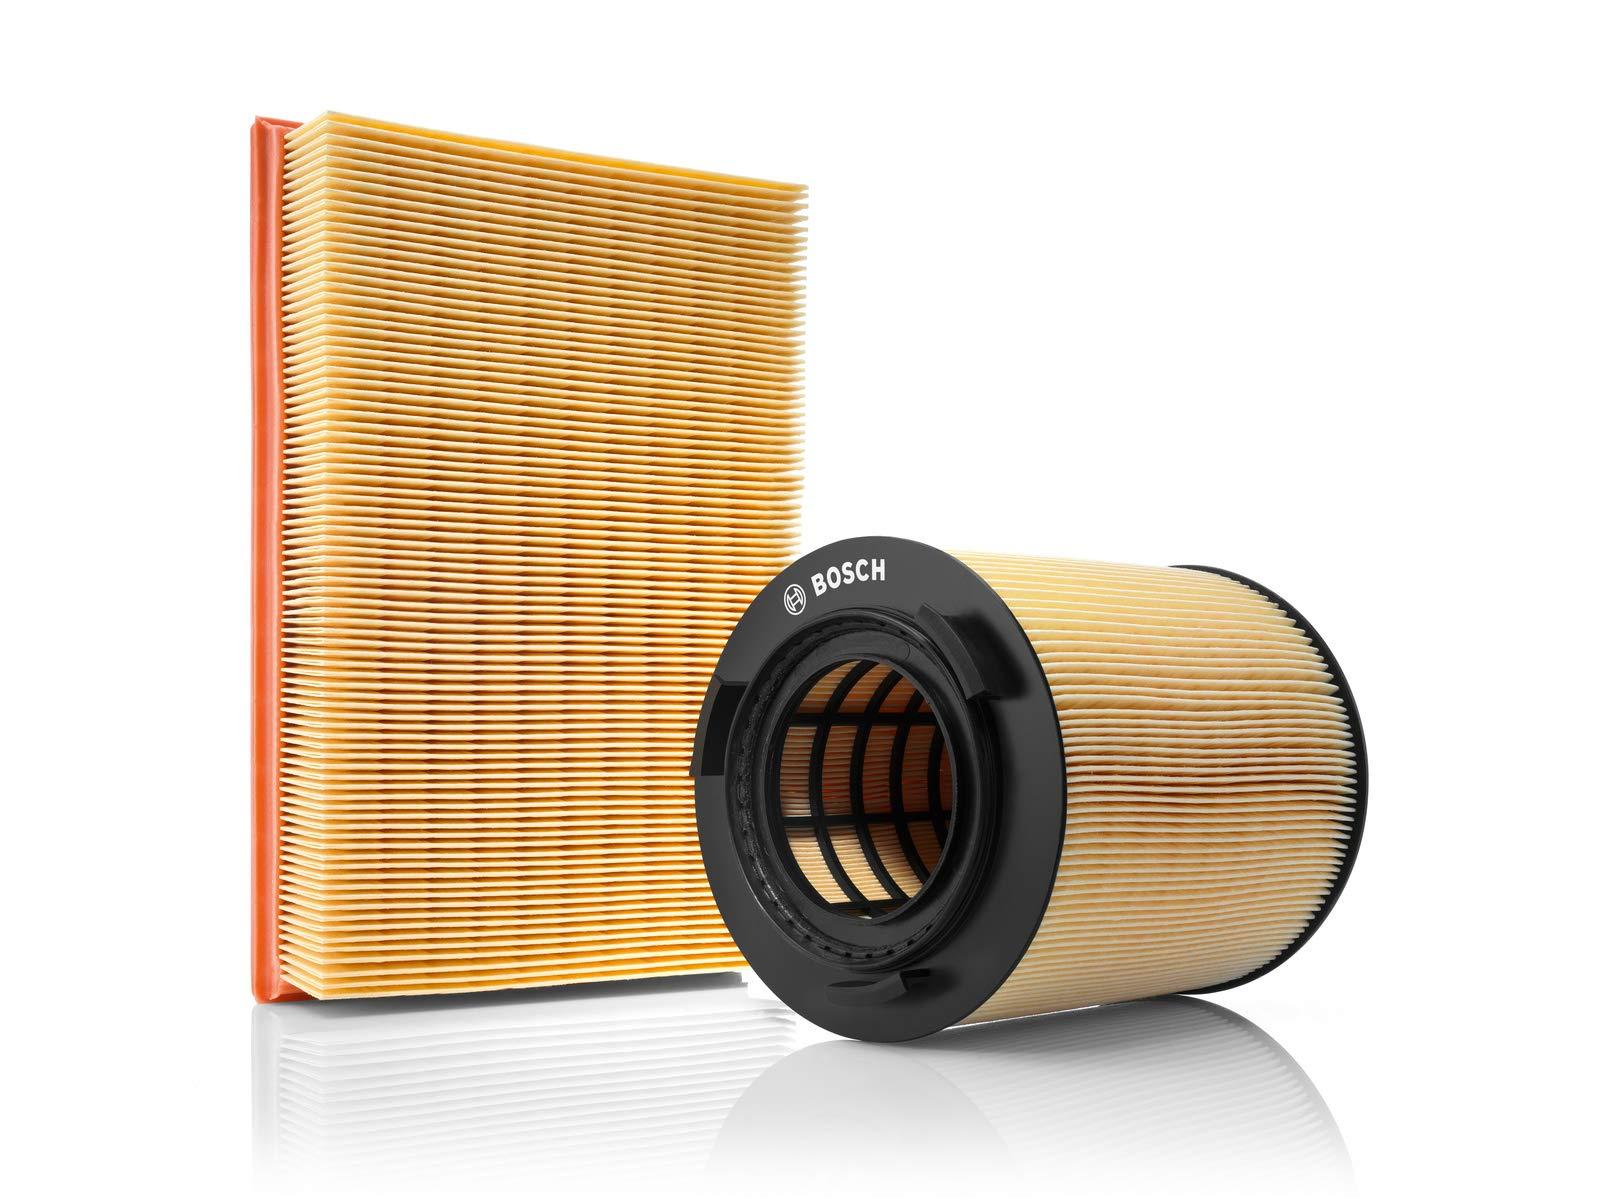 Bosch S3971 Air Filter